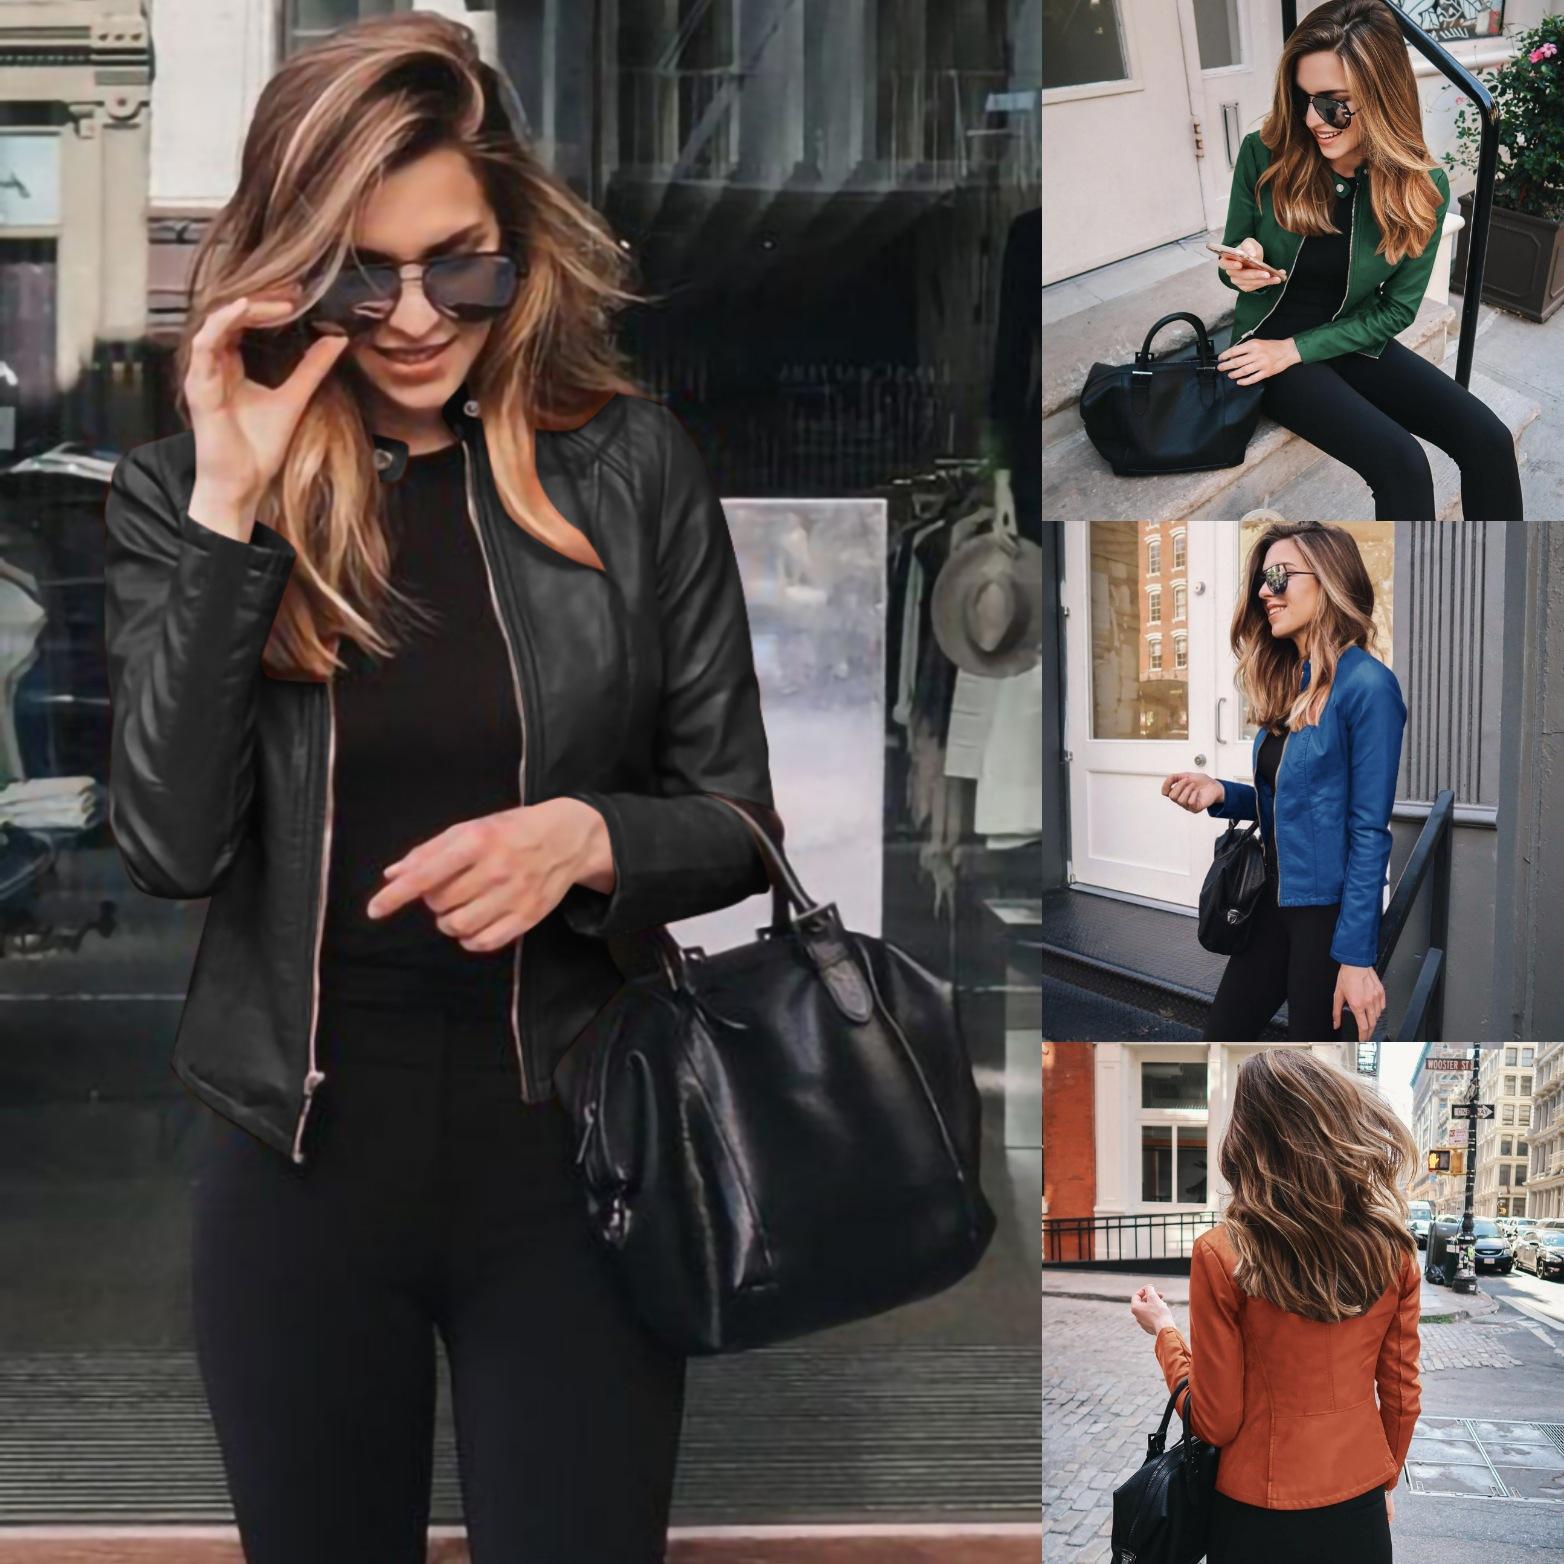 2020 패션 디자이너 여성 겨울 짧은 정장 자켓 가을 여자의 모든 경기 블레이저 재킷 레이디 PU 가죽 코트 자켓 (12) 색상 가을